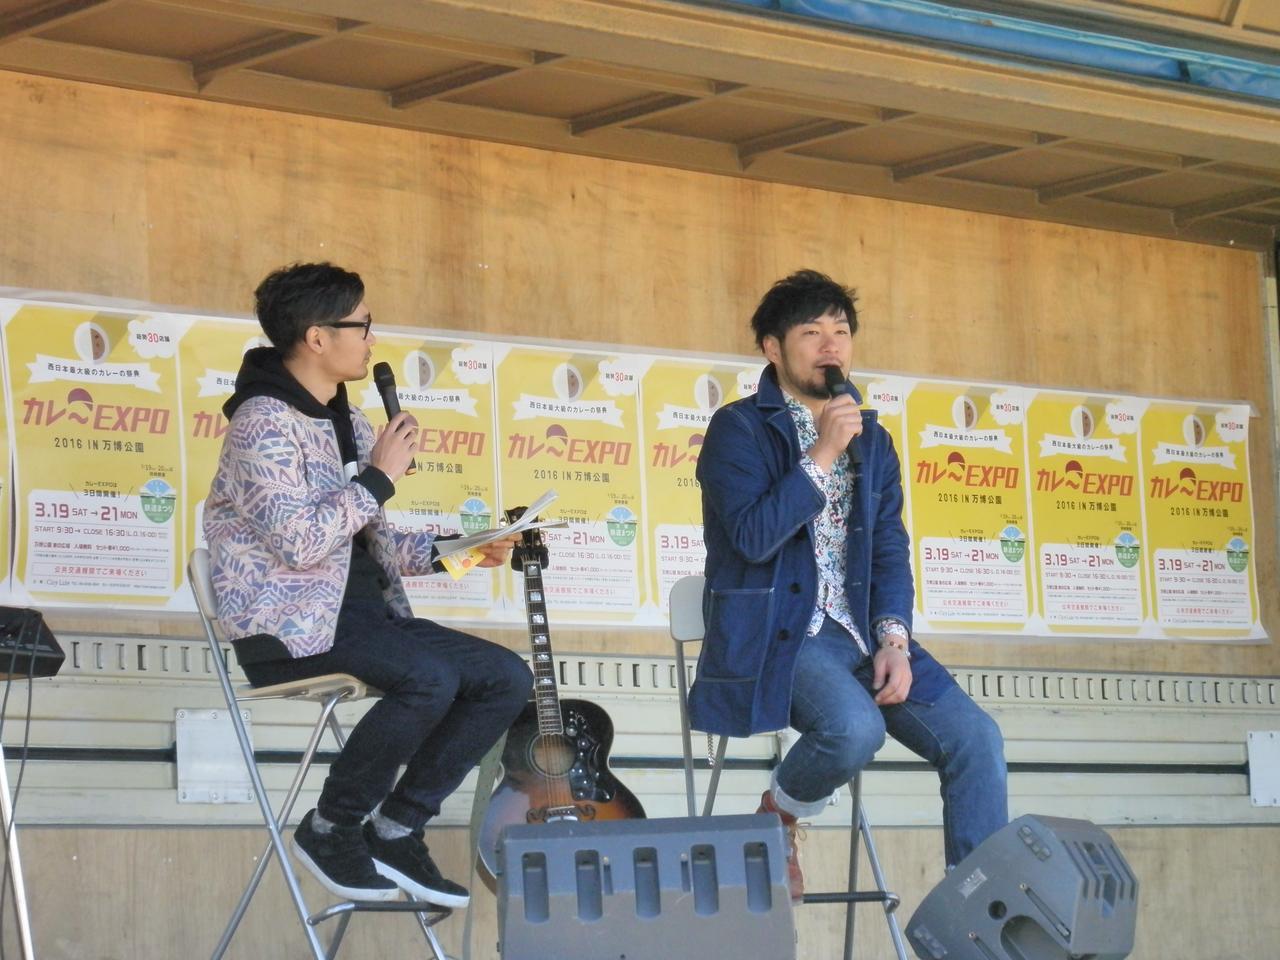 画像2: カレーEXPO 2016☆浜端ヨウヘイ公開録音